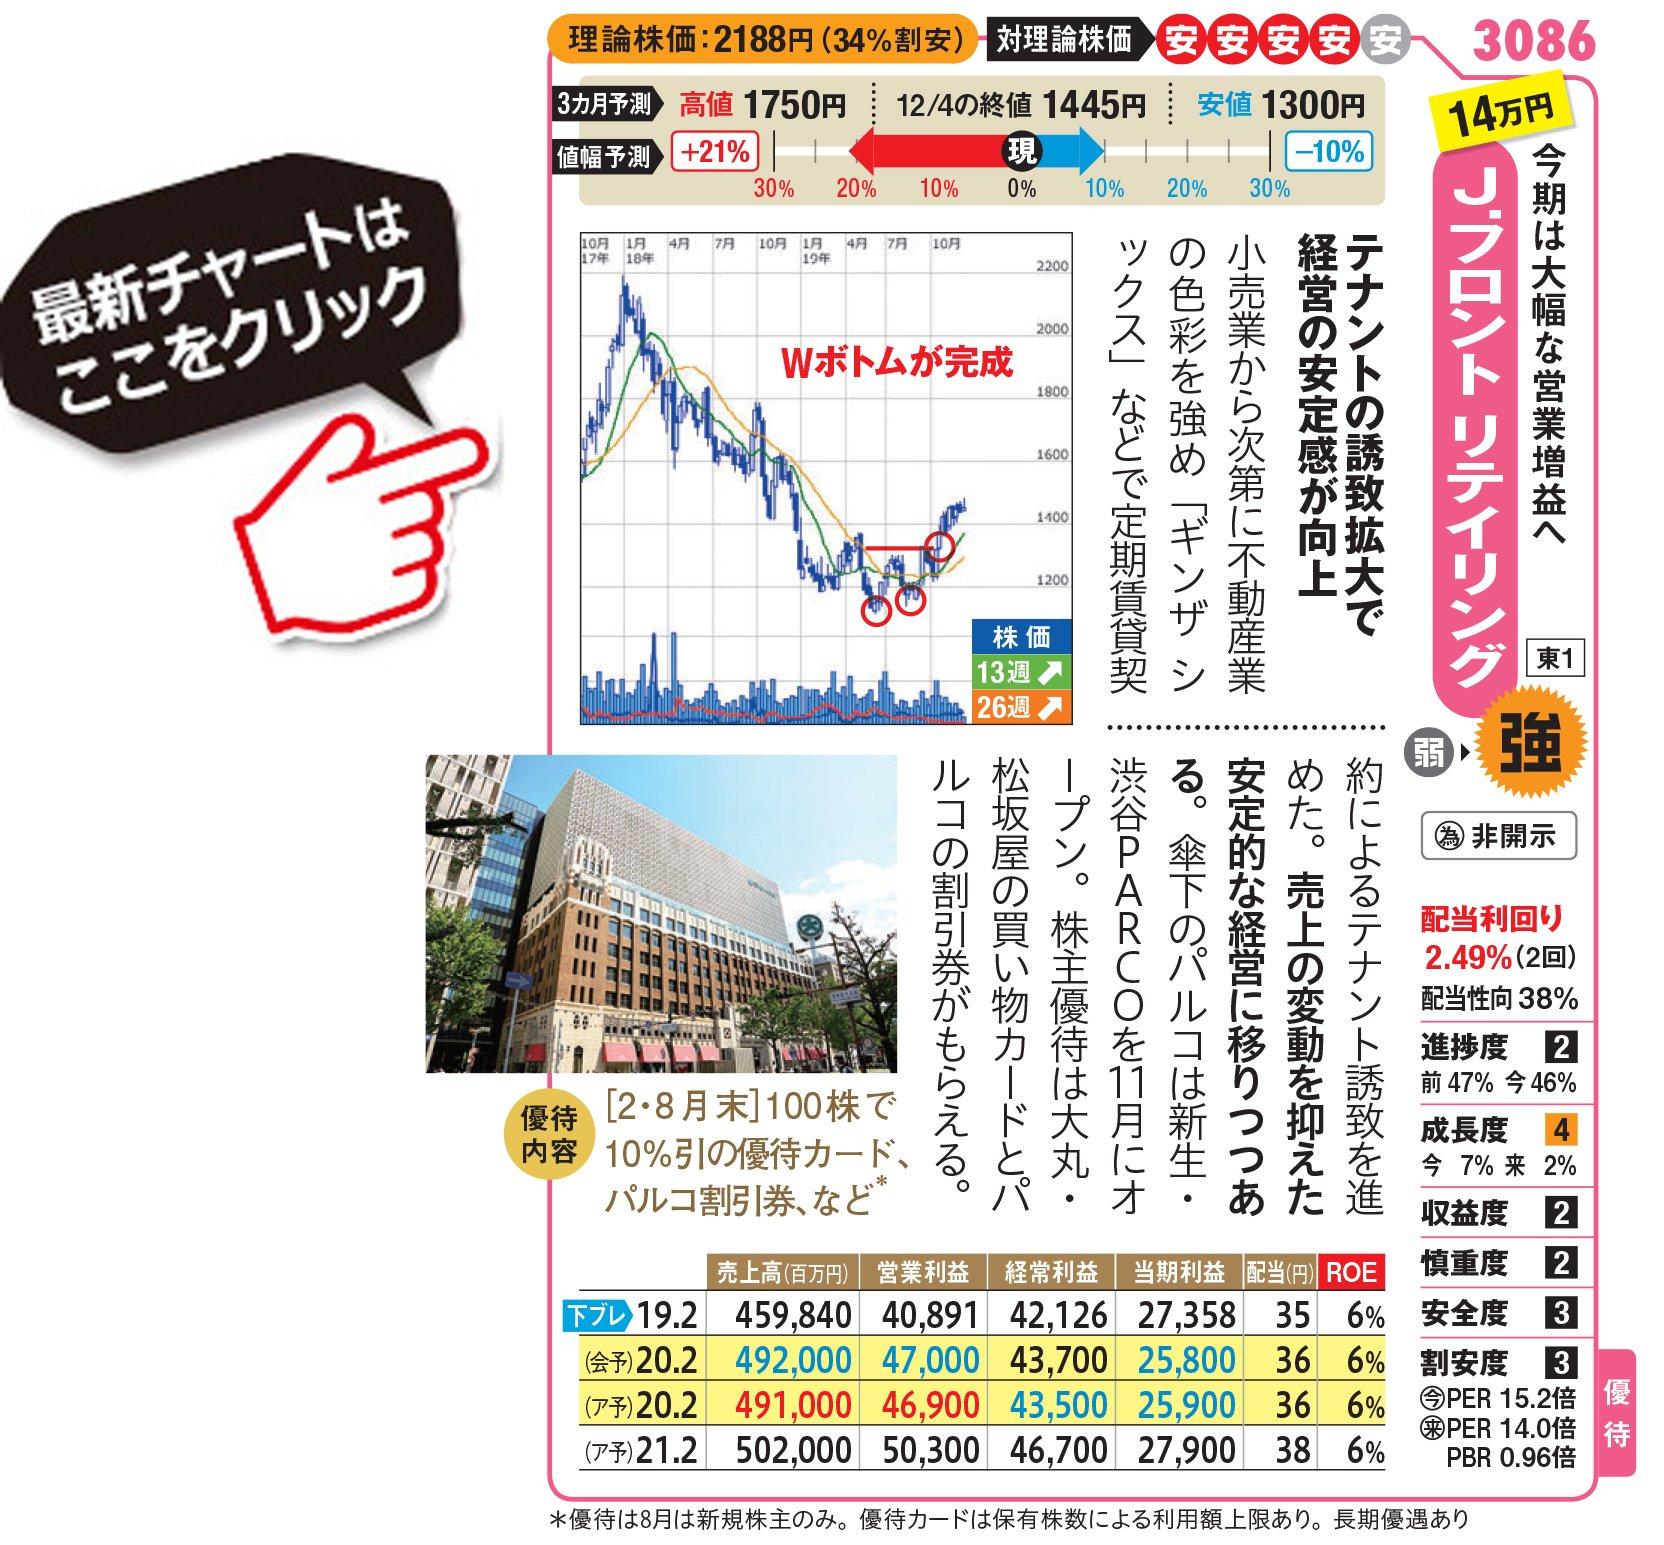 リテイリング 株価 フロント j